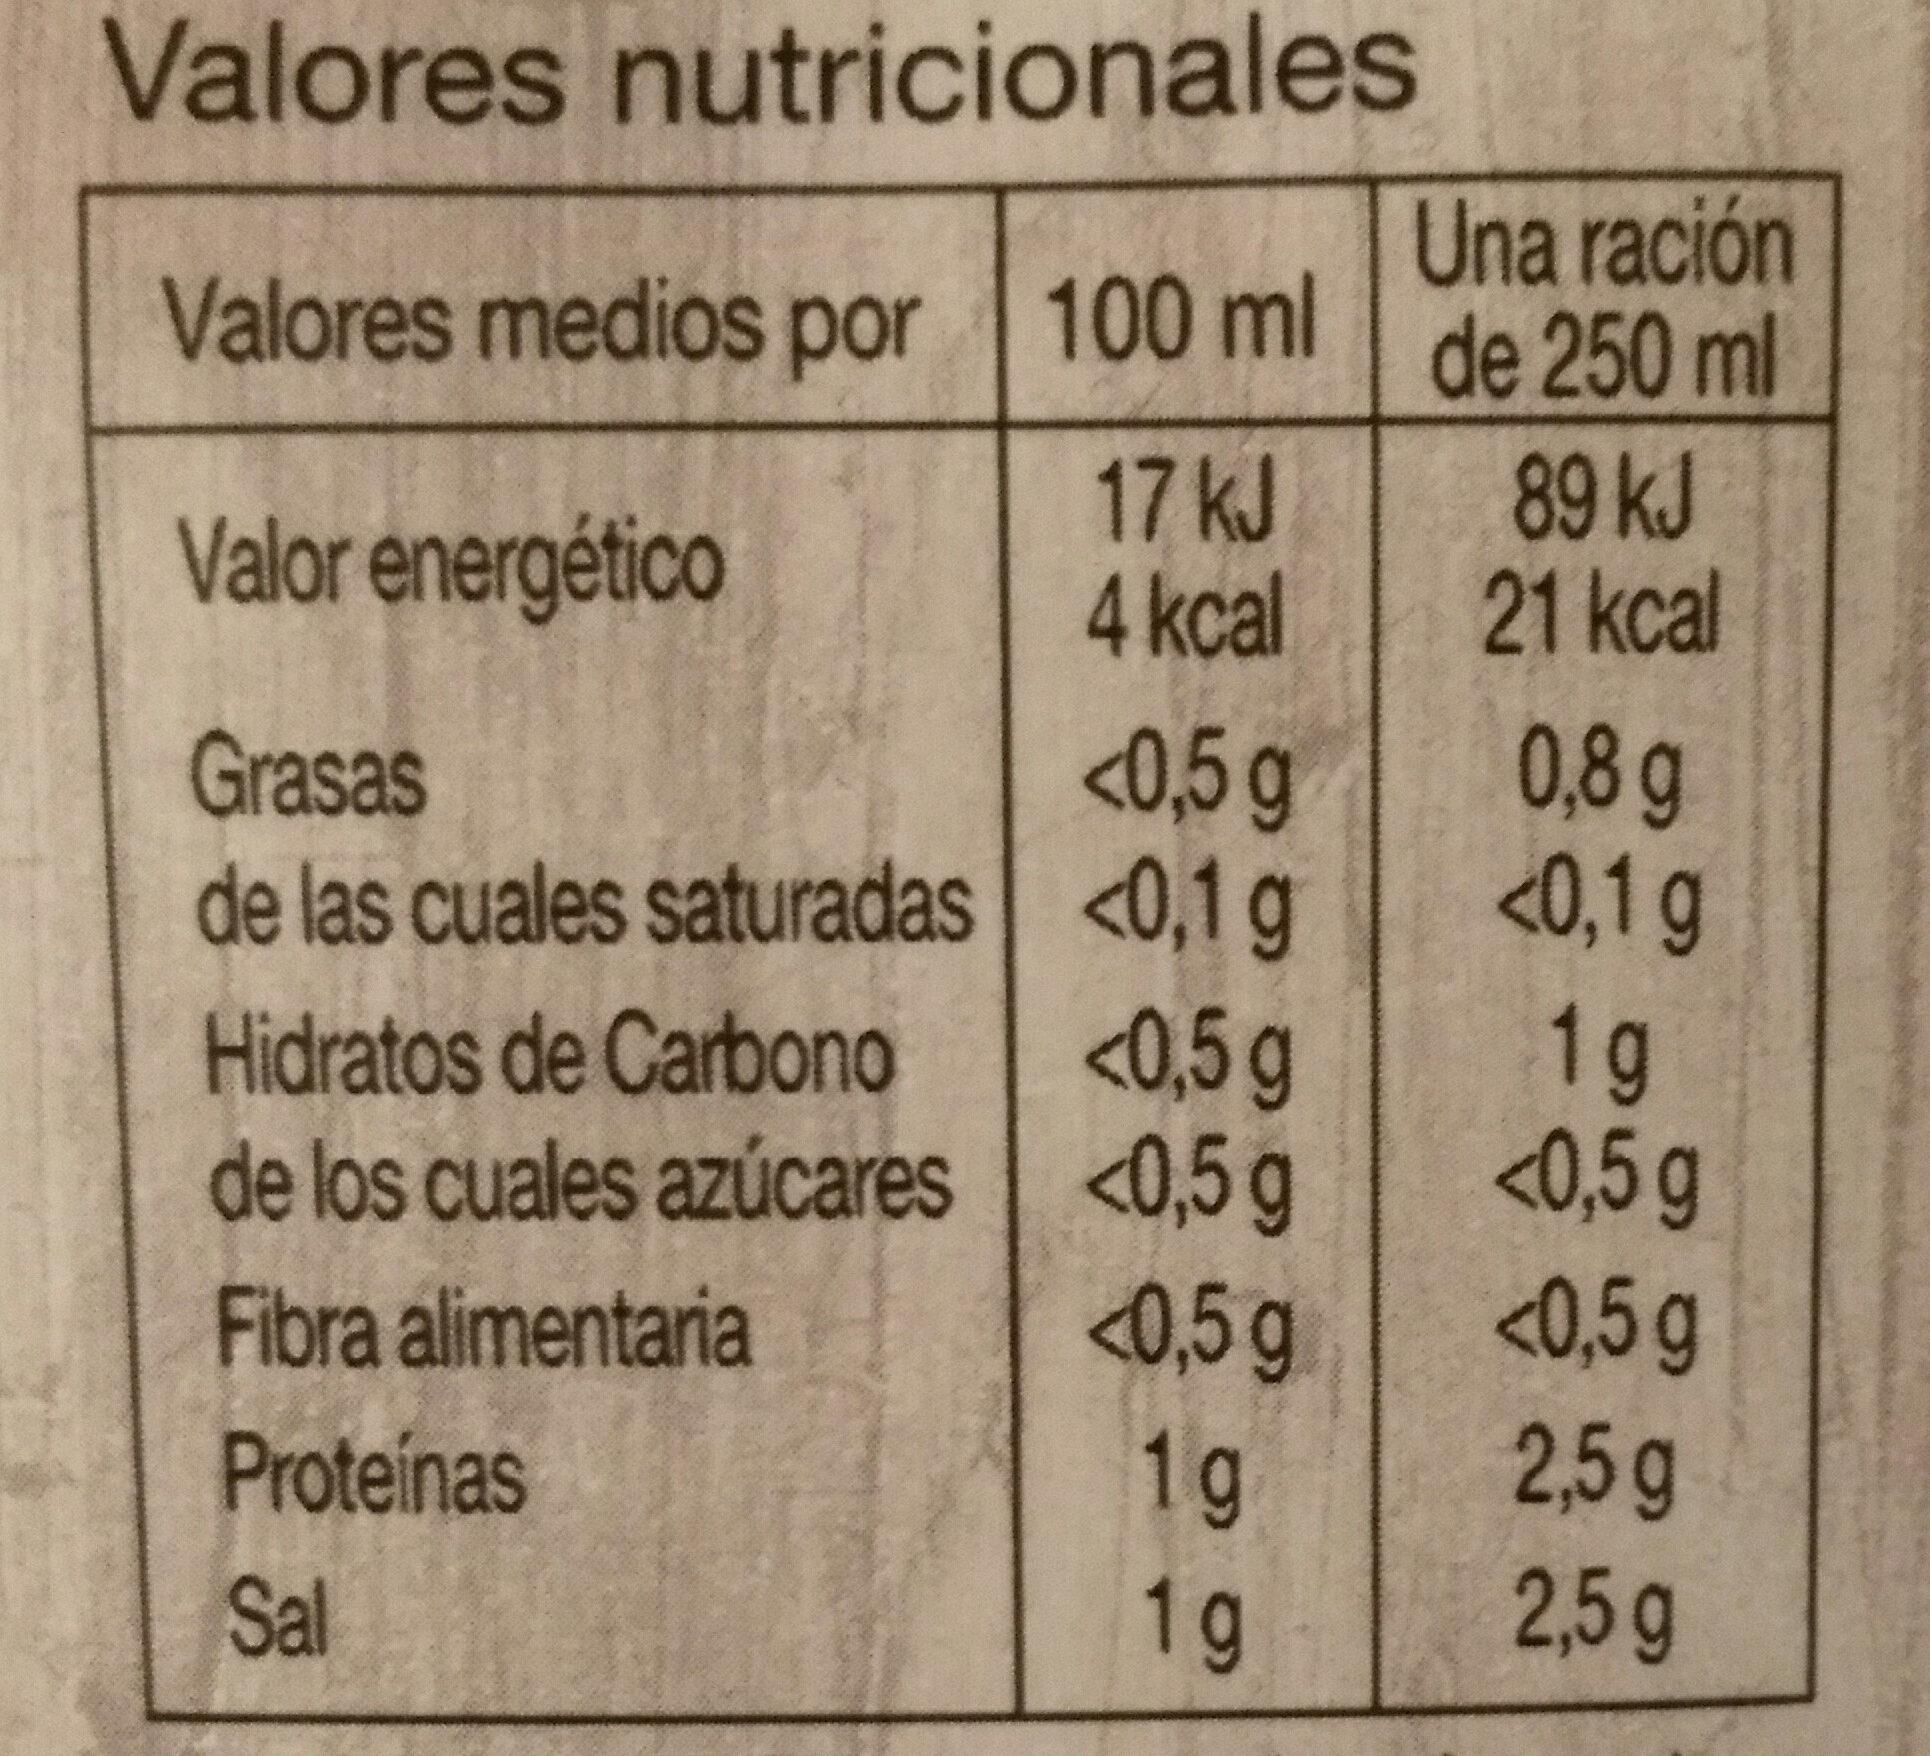 Caldo de pescado - Nutrition facts - es